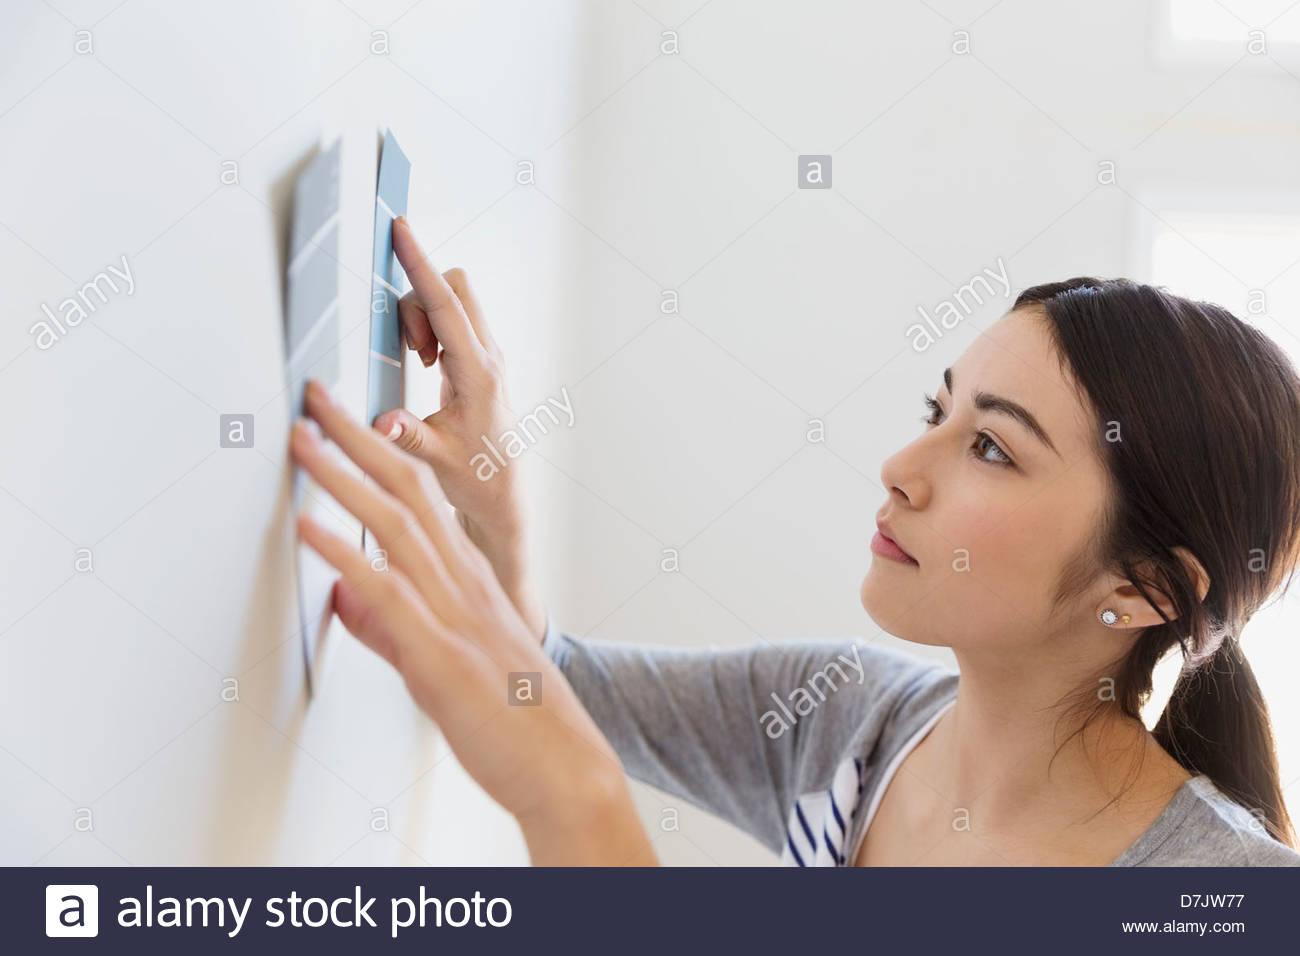 Giovane donna scegliendo i colori di vernice a casa Immagini Stock